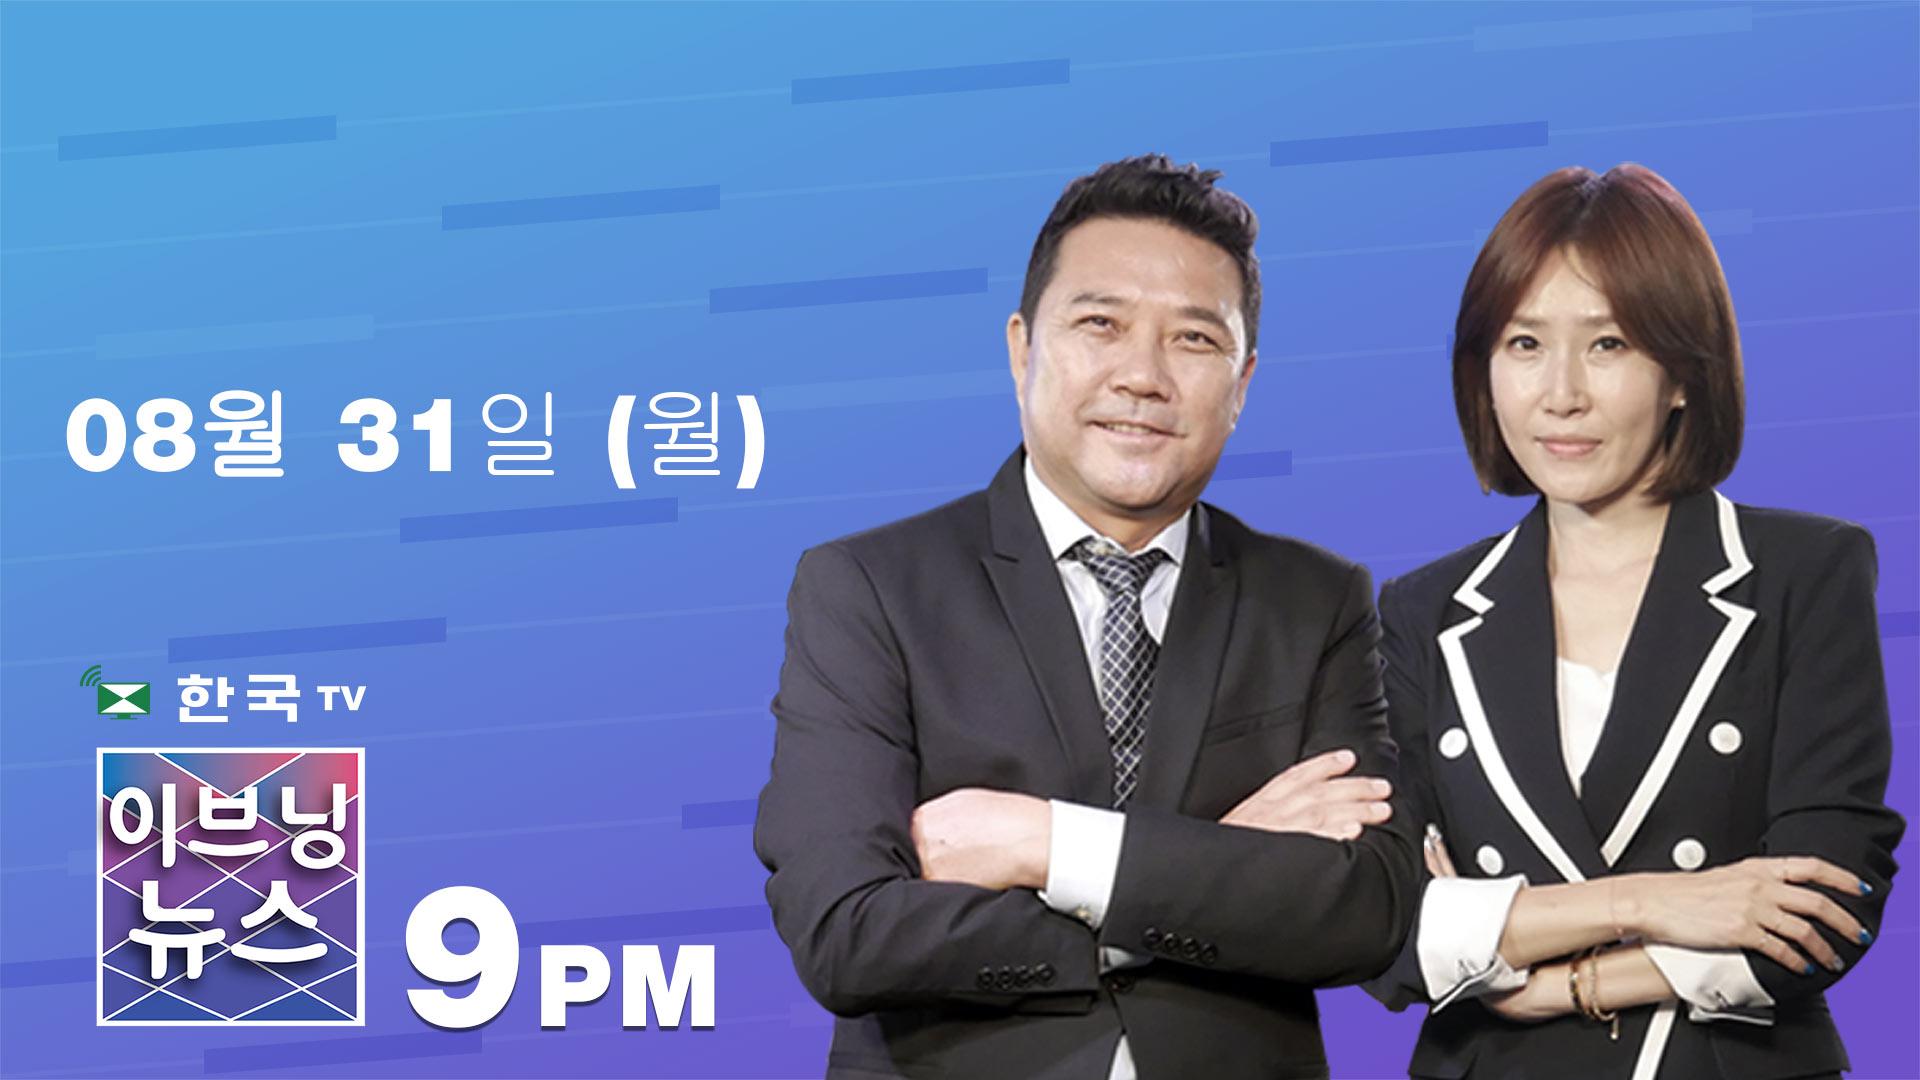 (08.31.2020) 한국TV 이브닝 뉴스